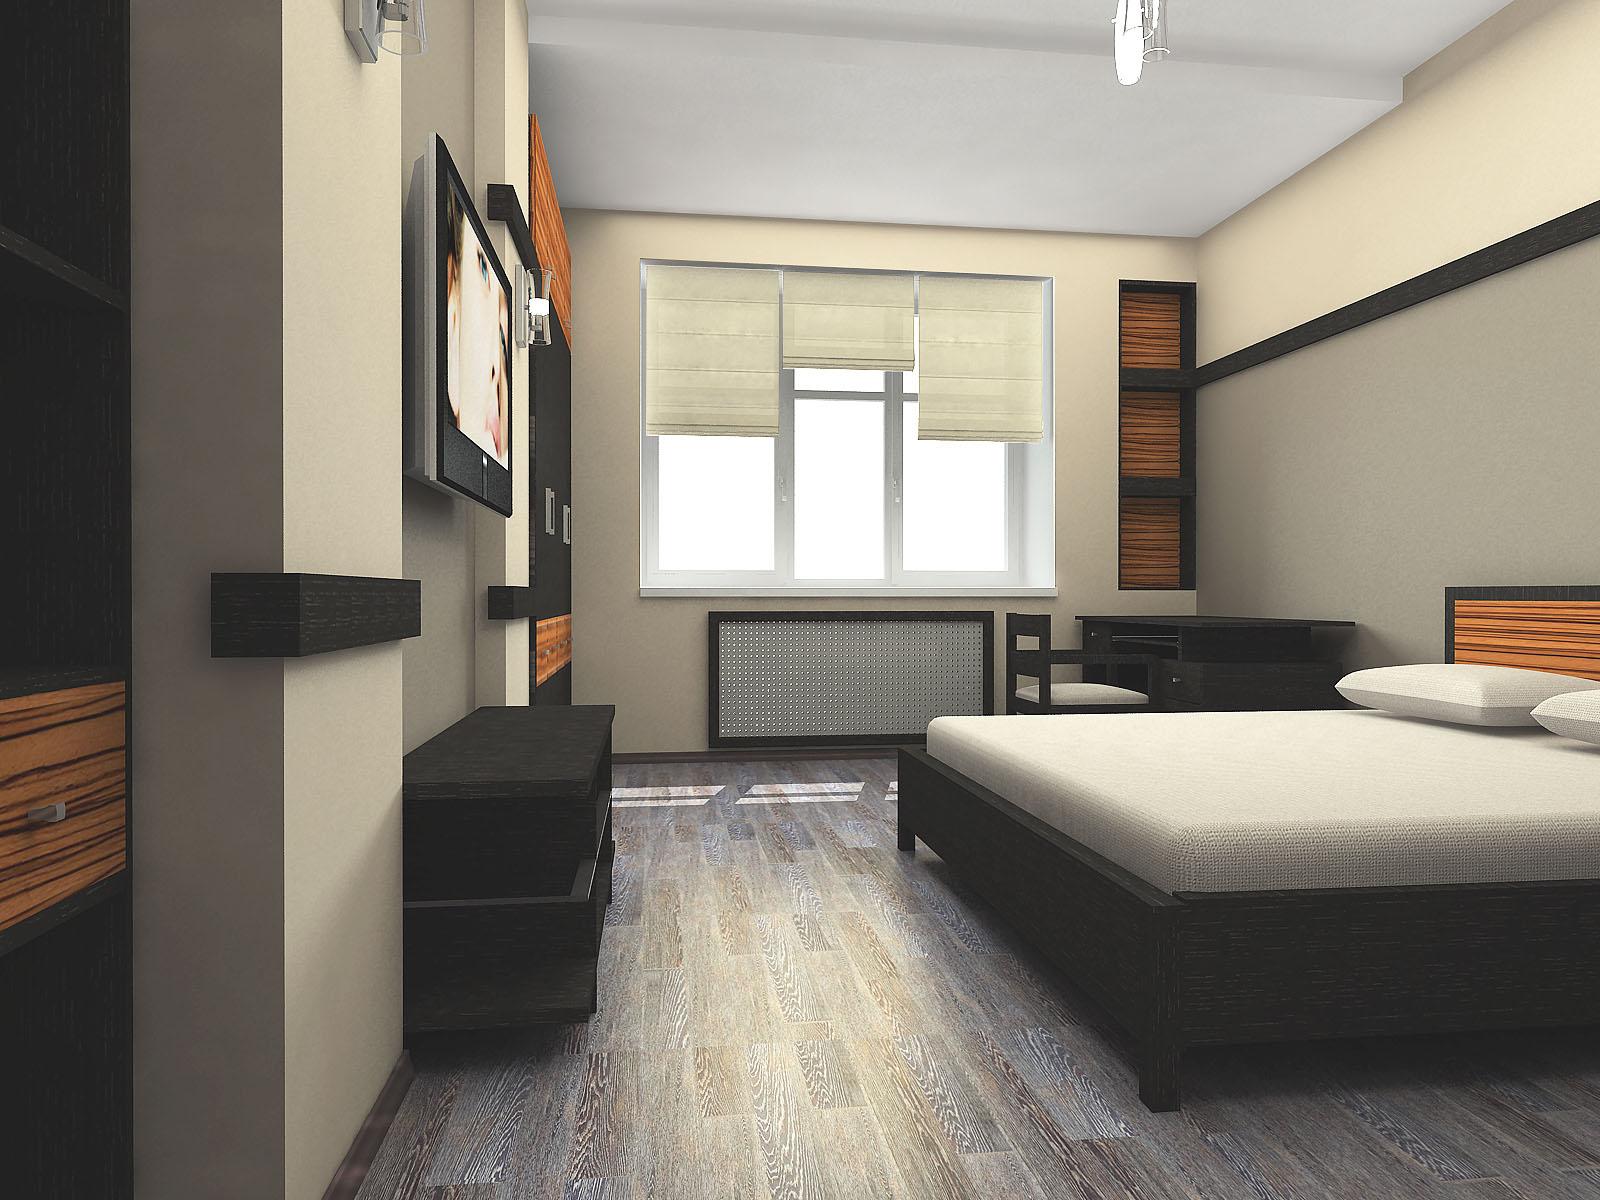 интерьер спальни в стиле минимализм с жалюзями на окнах